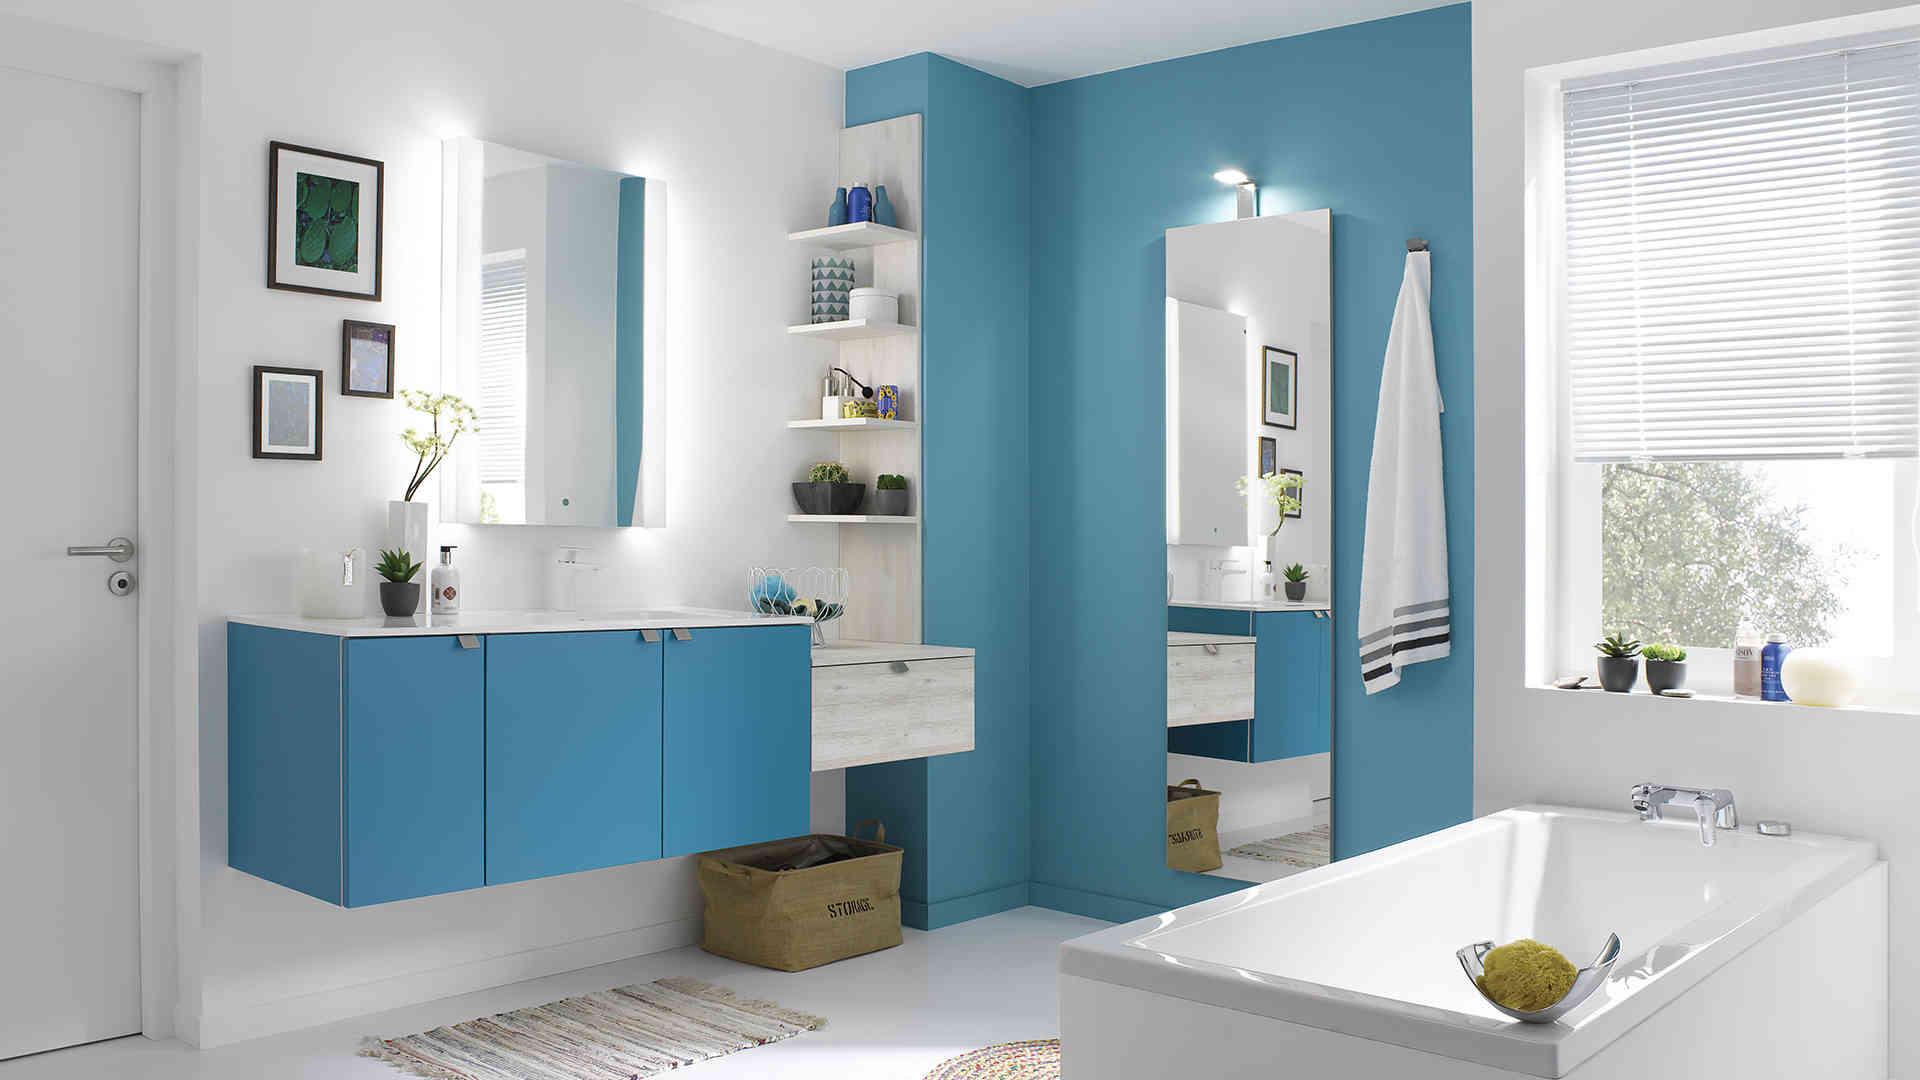 crer une salle de bain style et fonctionnelle - Creer Sa Salle De Bain